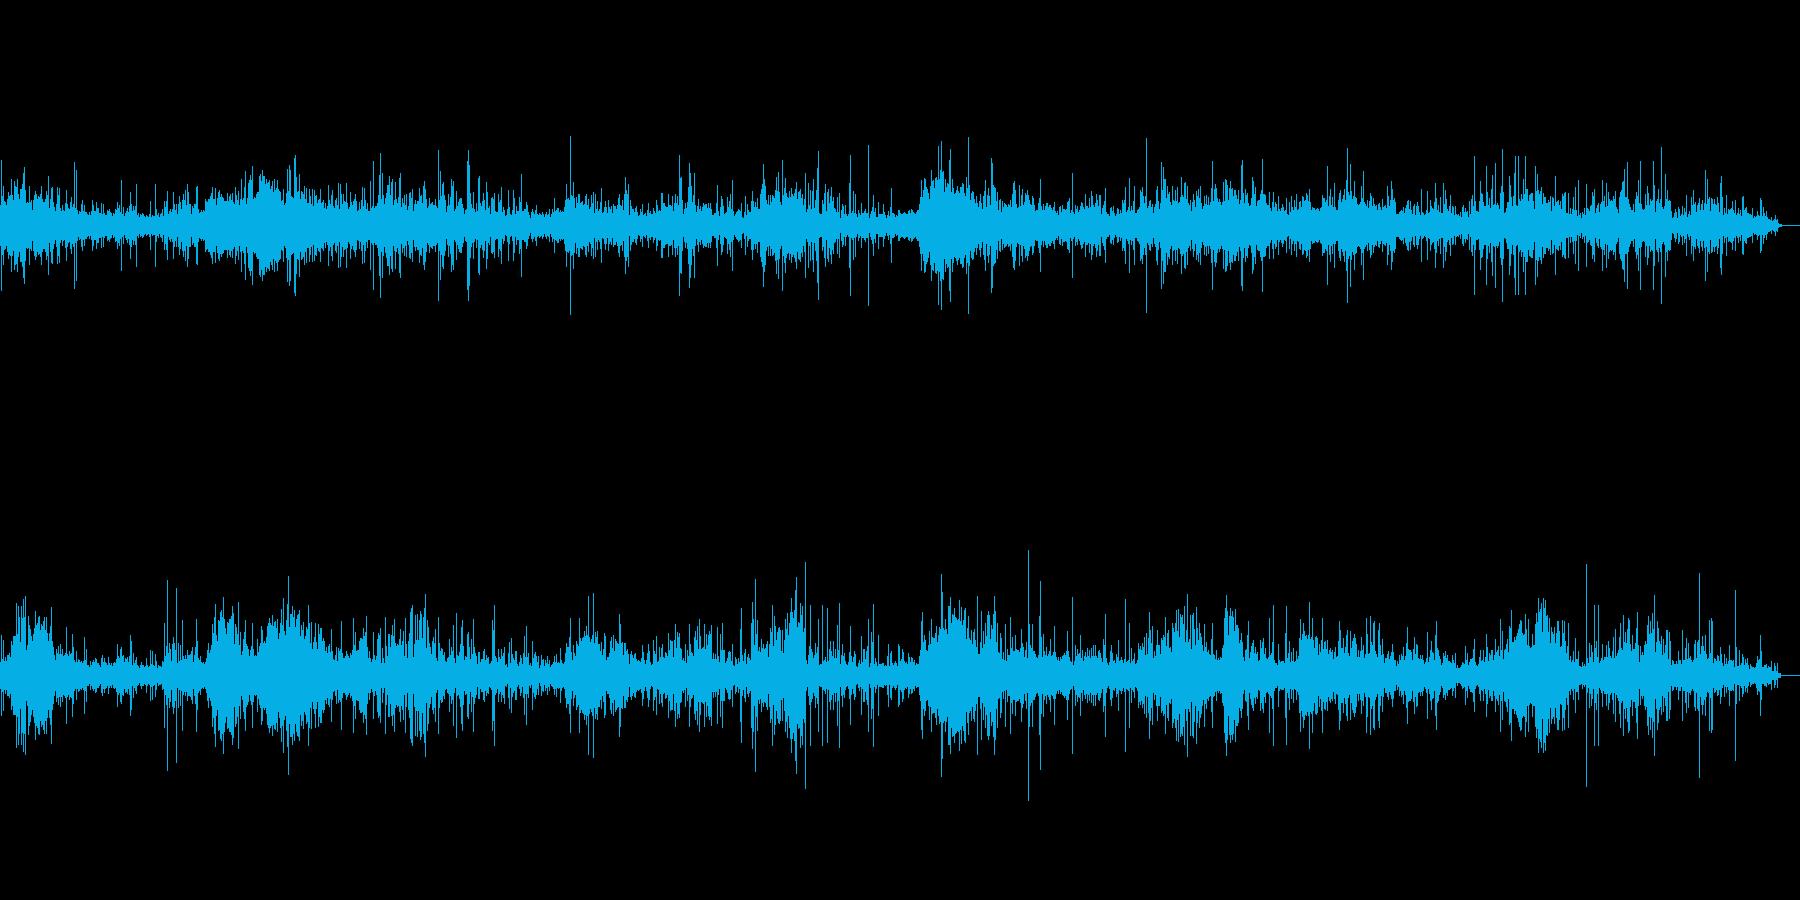 沖縄の穏やかな波打際のせせらぎ音の再生済みの波形